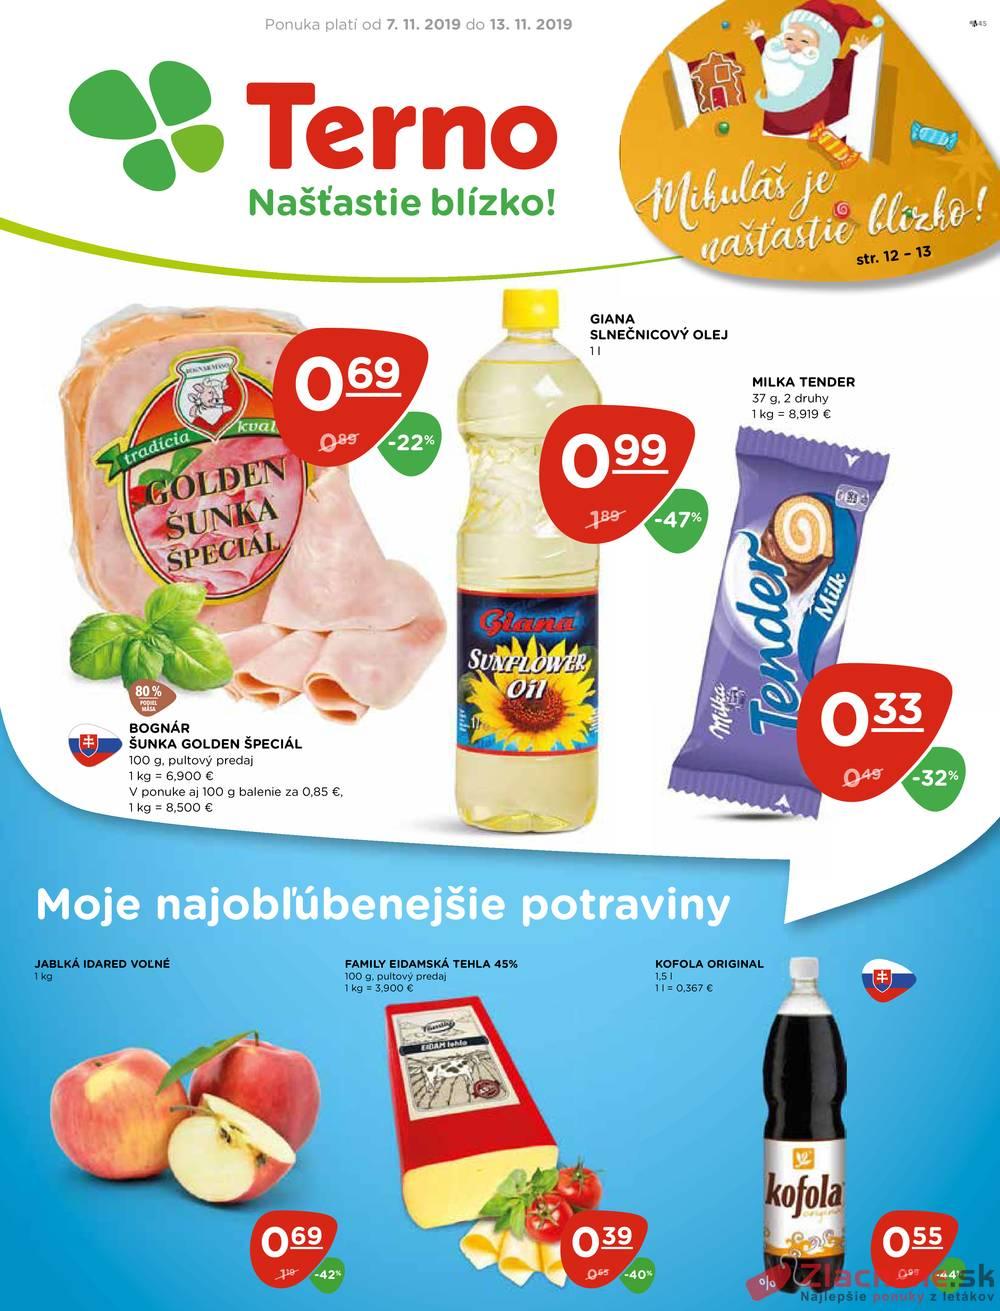 Leták TERNO - Terno  od 7.11. do 13.11.2019 - strana 1